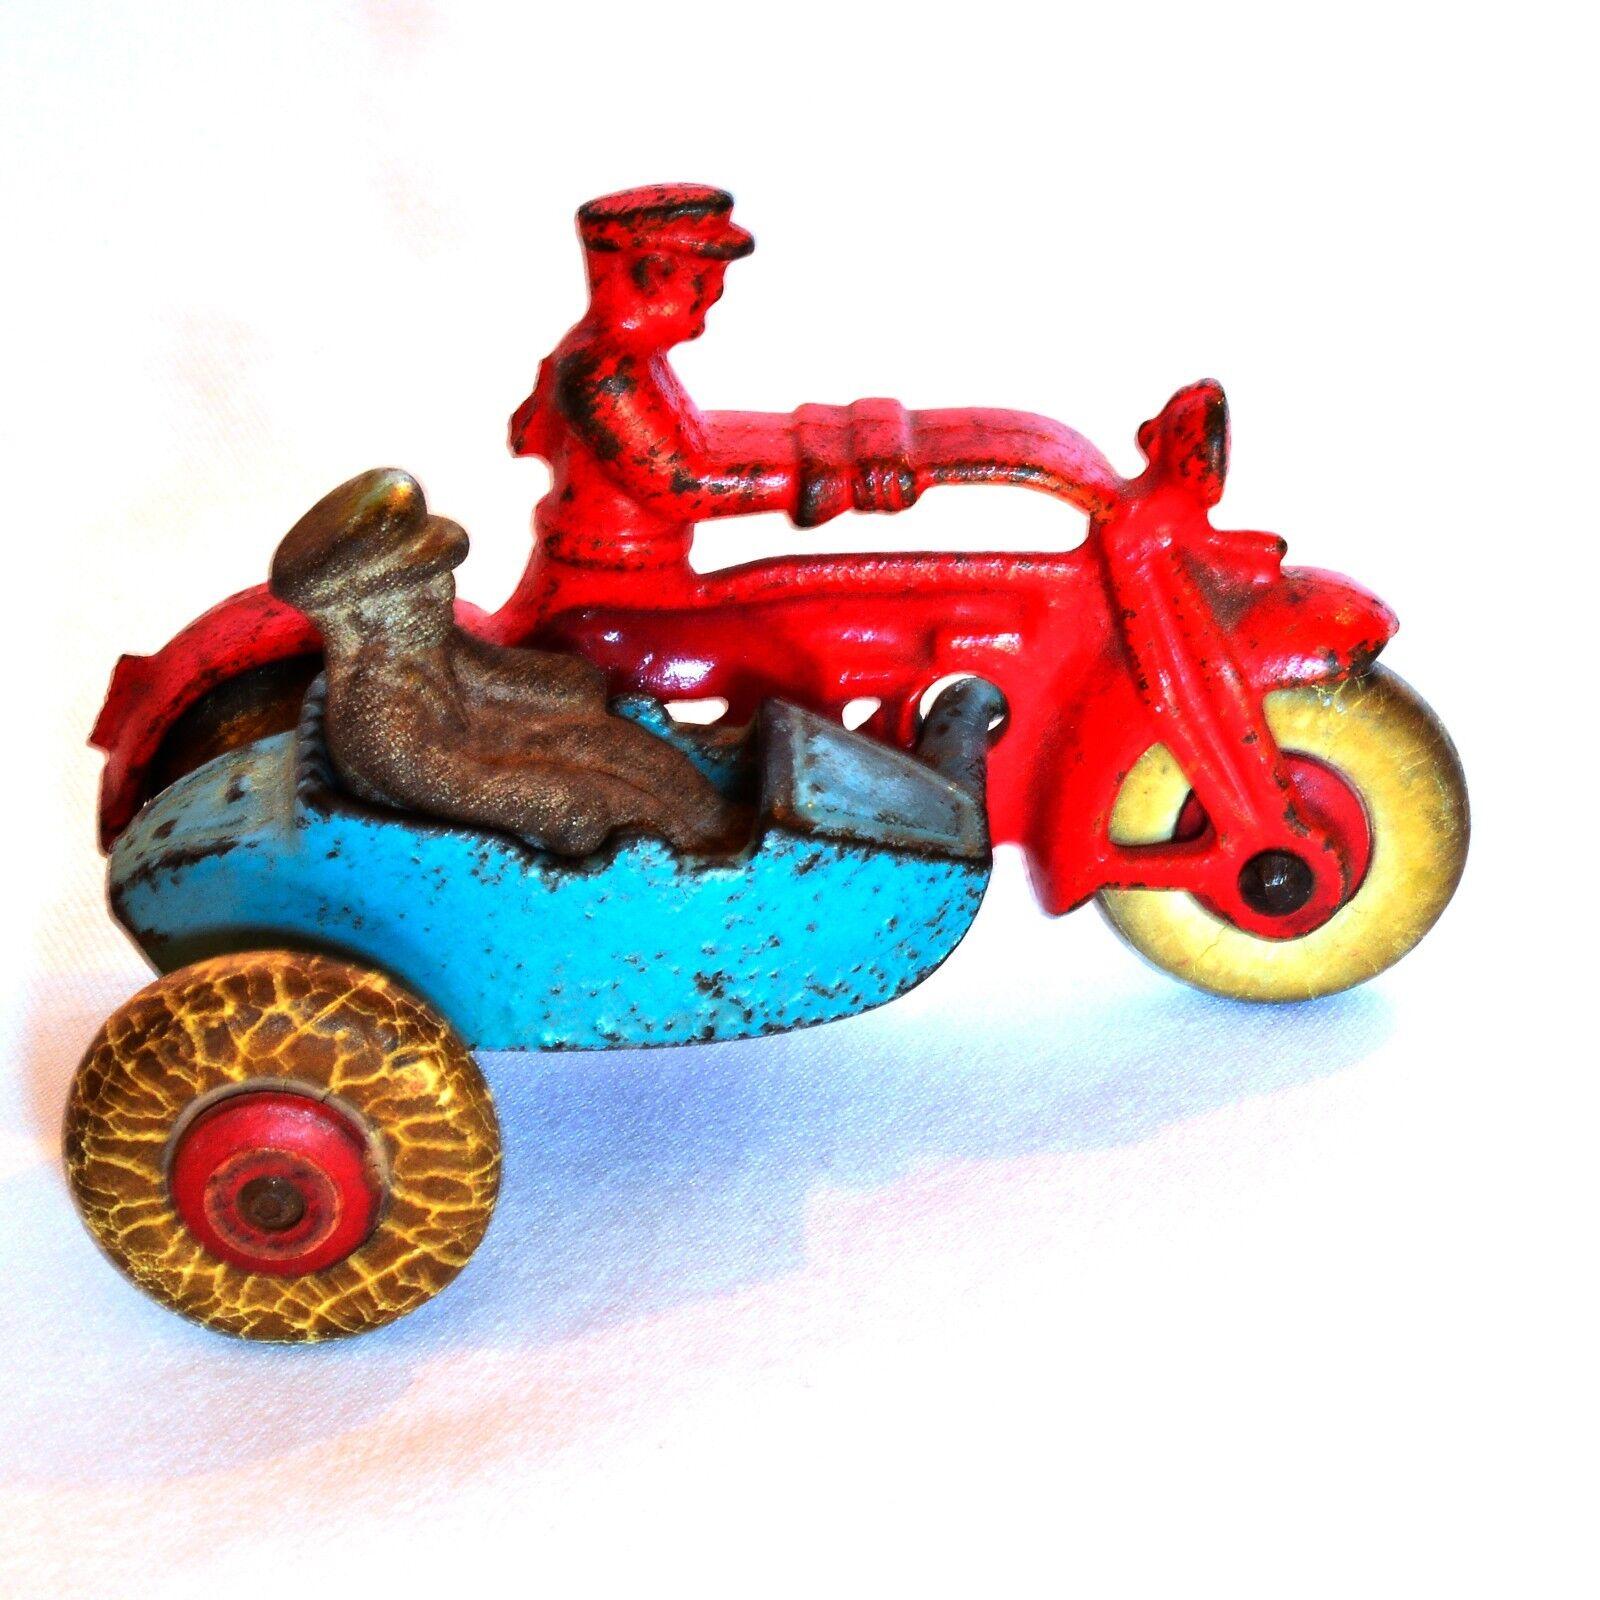 Hierro fundido antiguos Hubley Motocicleta policías W Sidecar temprano 20th C W figura de níquel